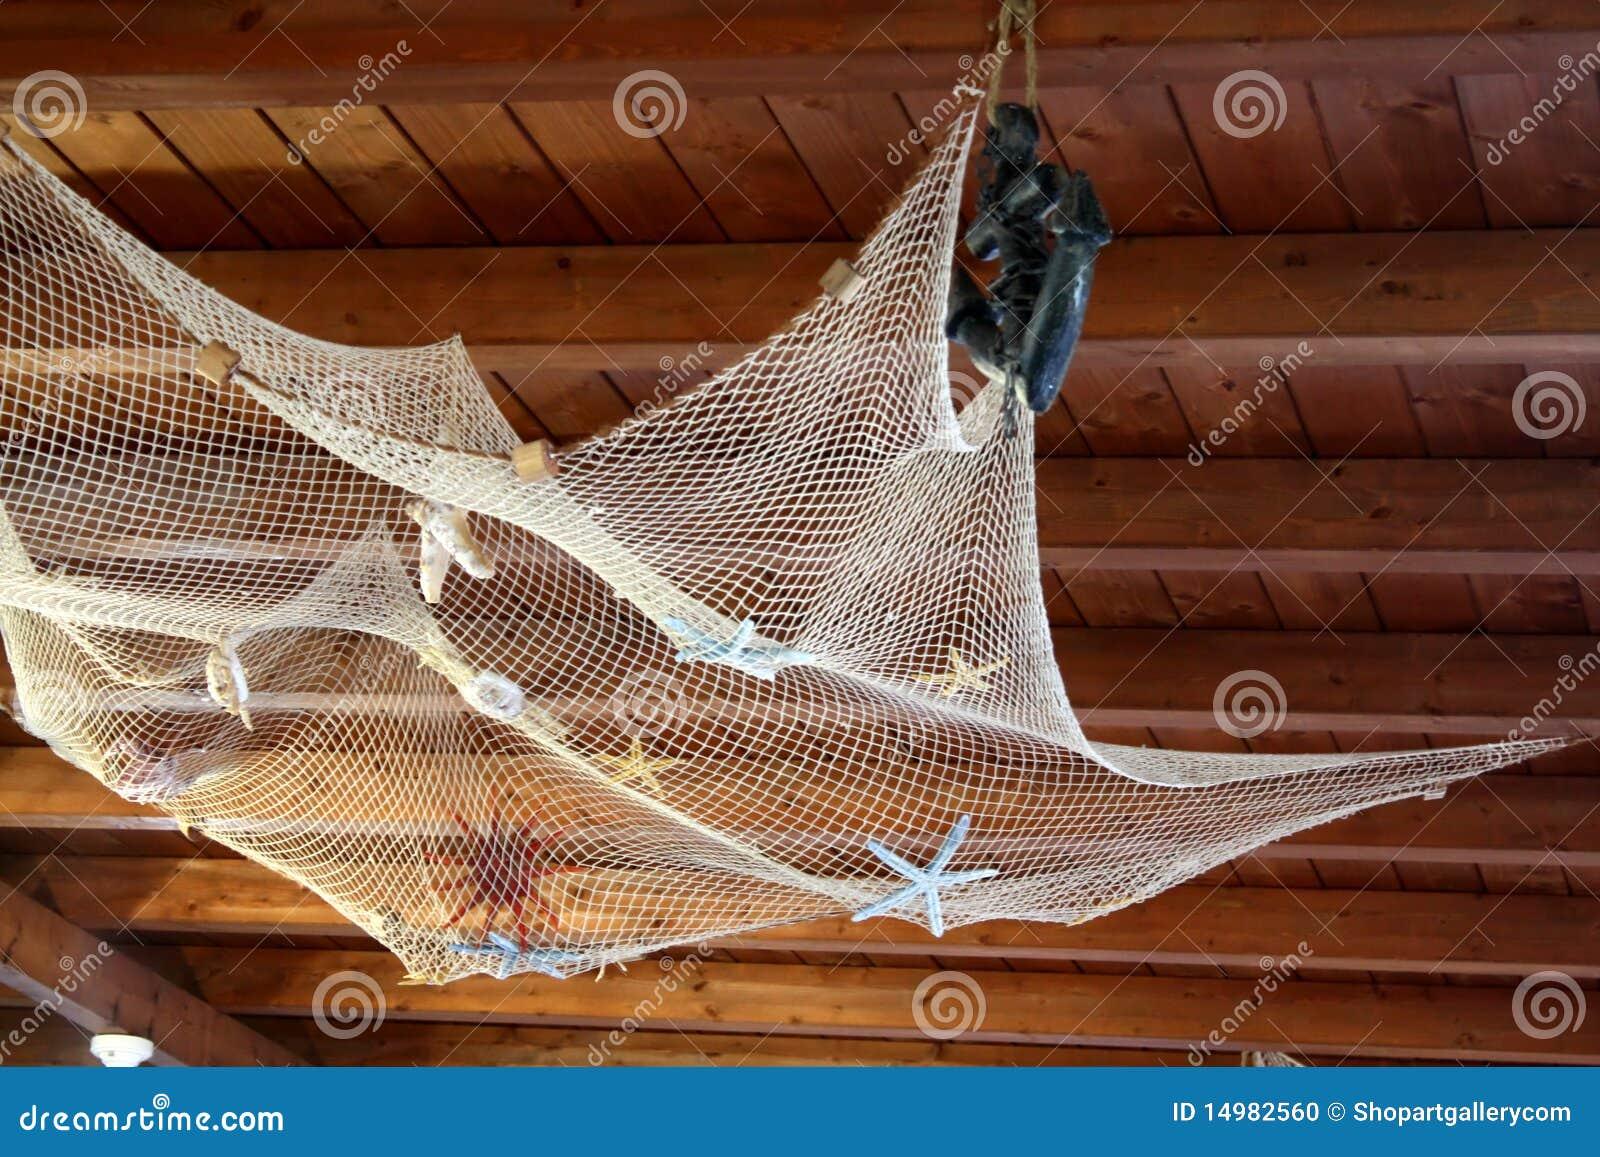 Rete da pesca sul soffitto di legno fotografia stock - Rete da pesca per decorazioni ...